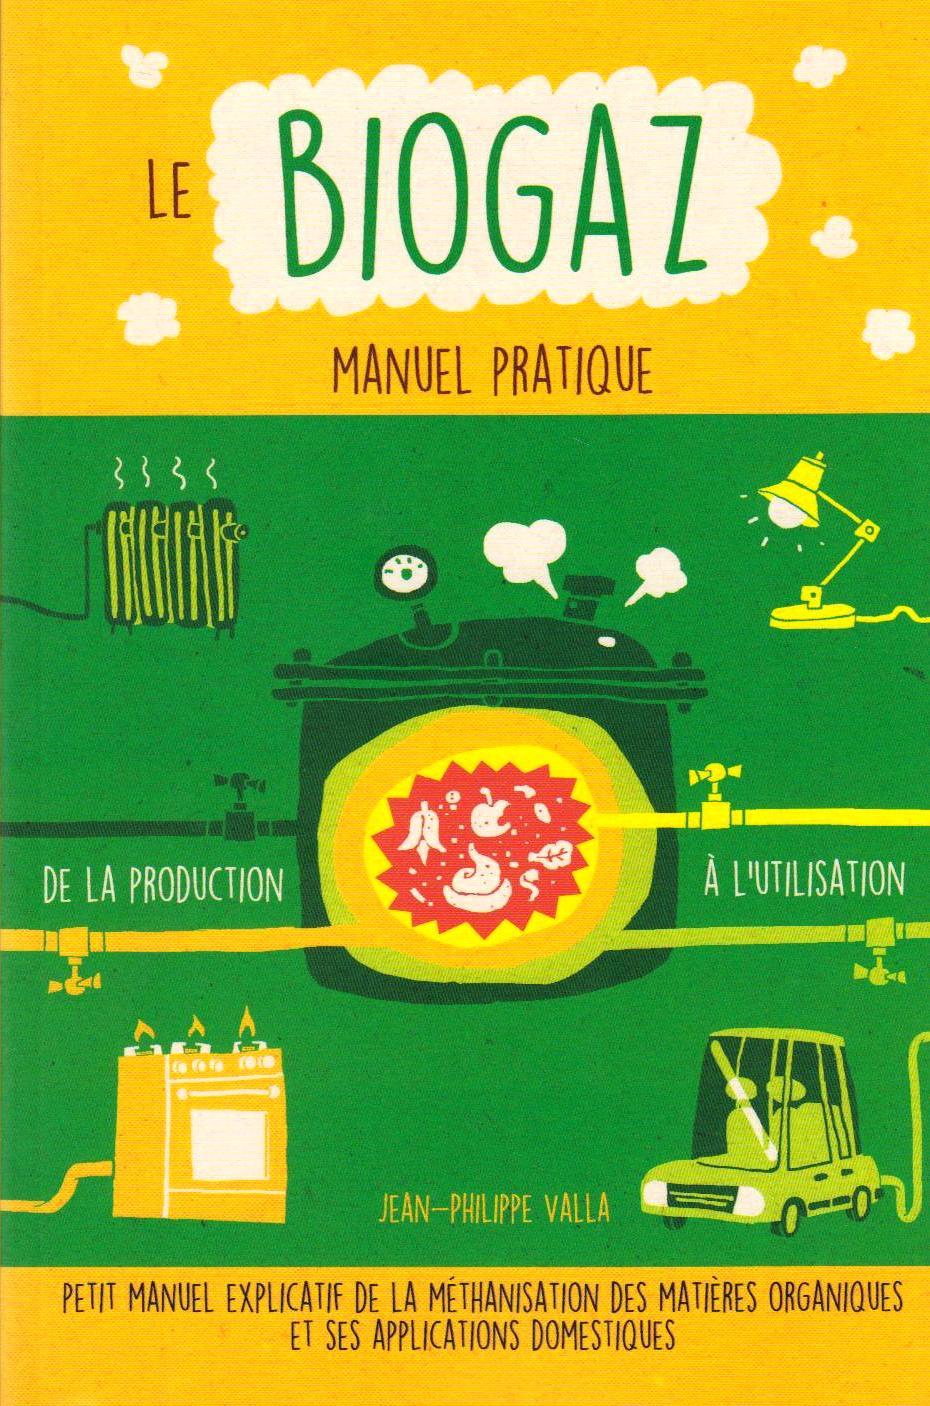 Le Biogaz, manuel pratique